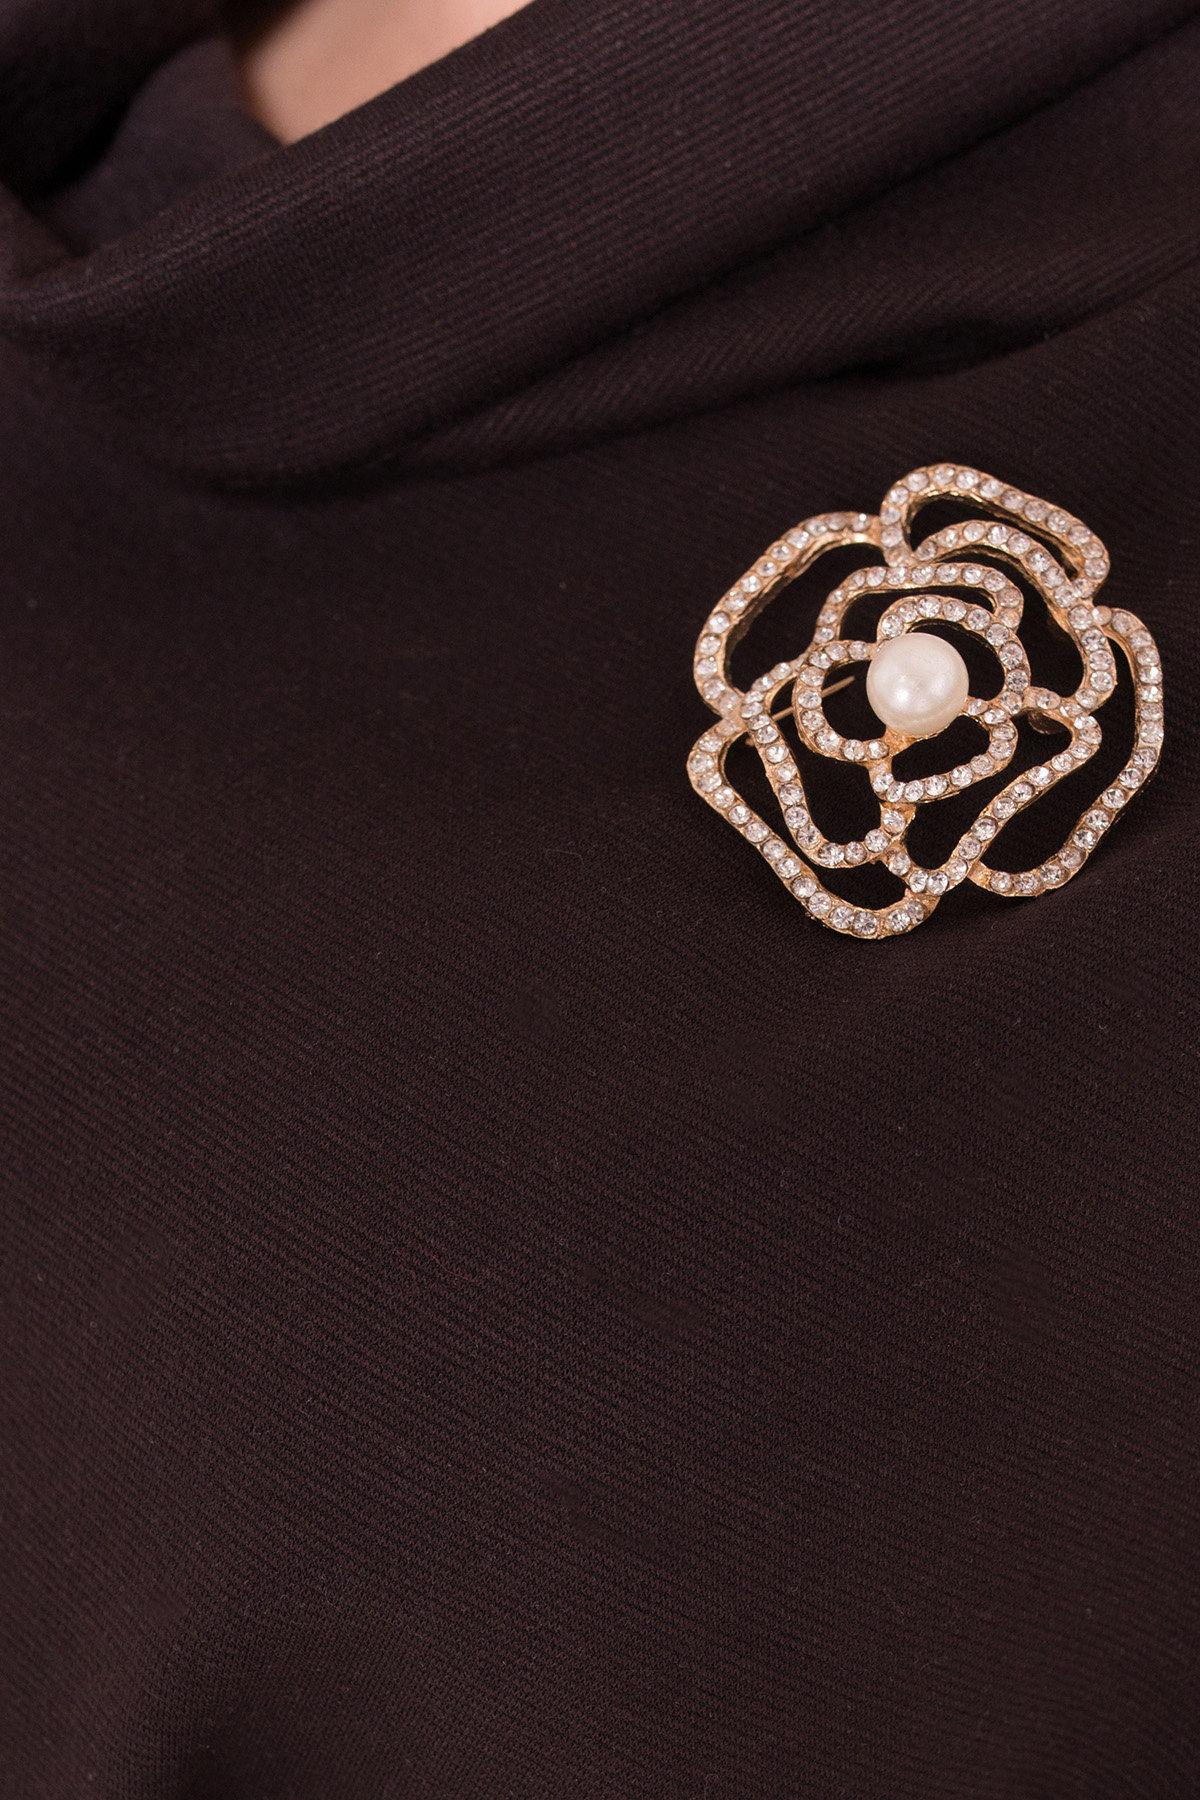 Трикотажное платье Вассаби 8478 АРТ. 44906 Цвет: Шоколад - фото 3, интернет магазин tm-modus.ru